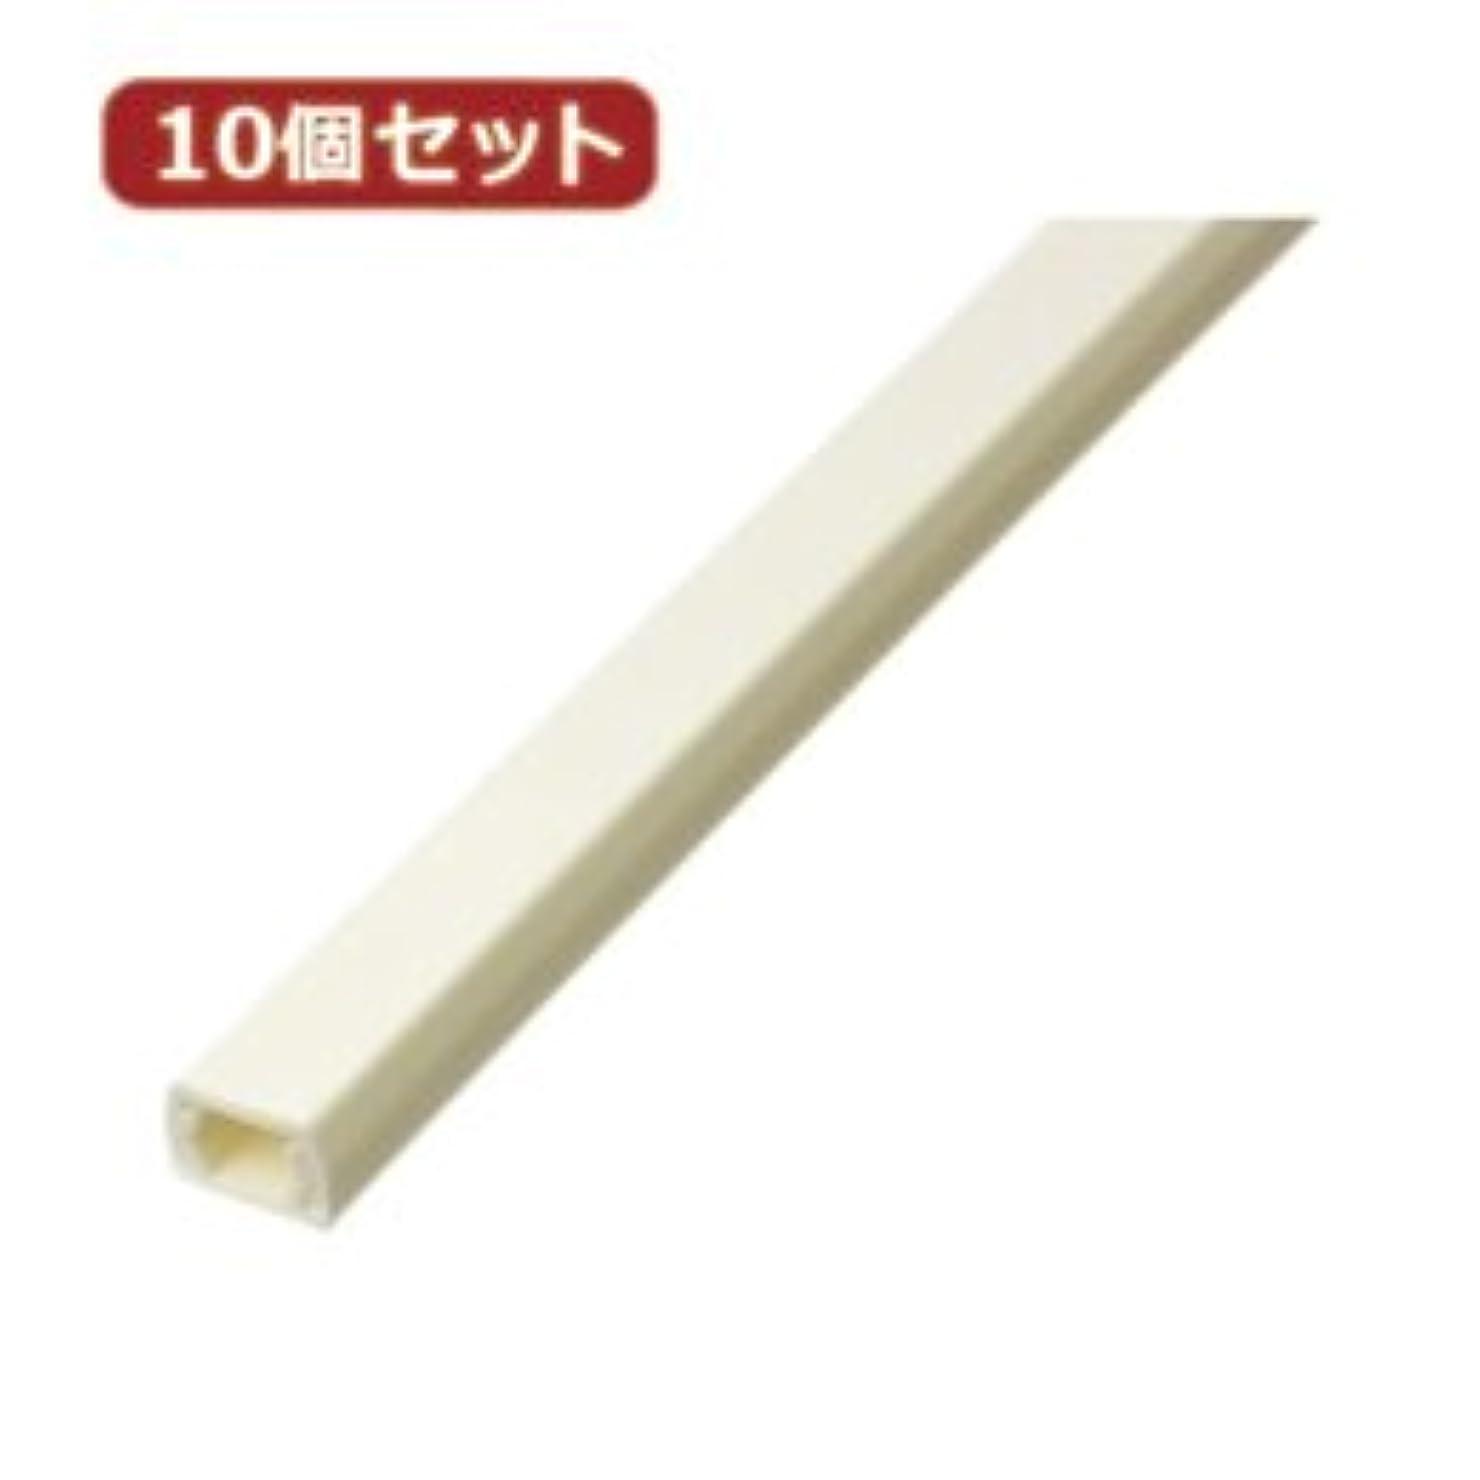 損傷悲劇除外するYAZAWA 【10個セット】固定テープ付モール 1号 1m オフホワイト FF1WX10